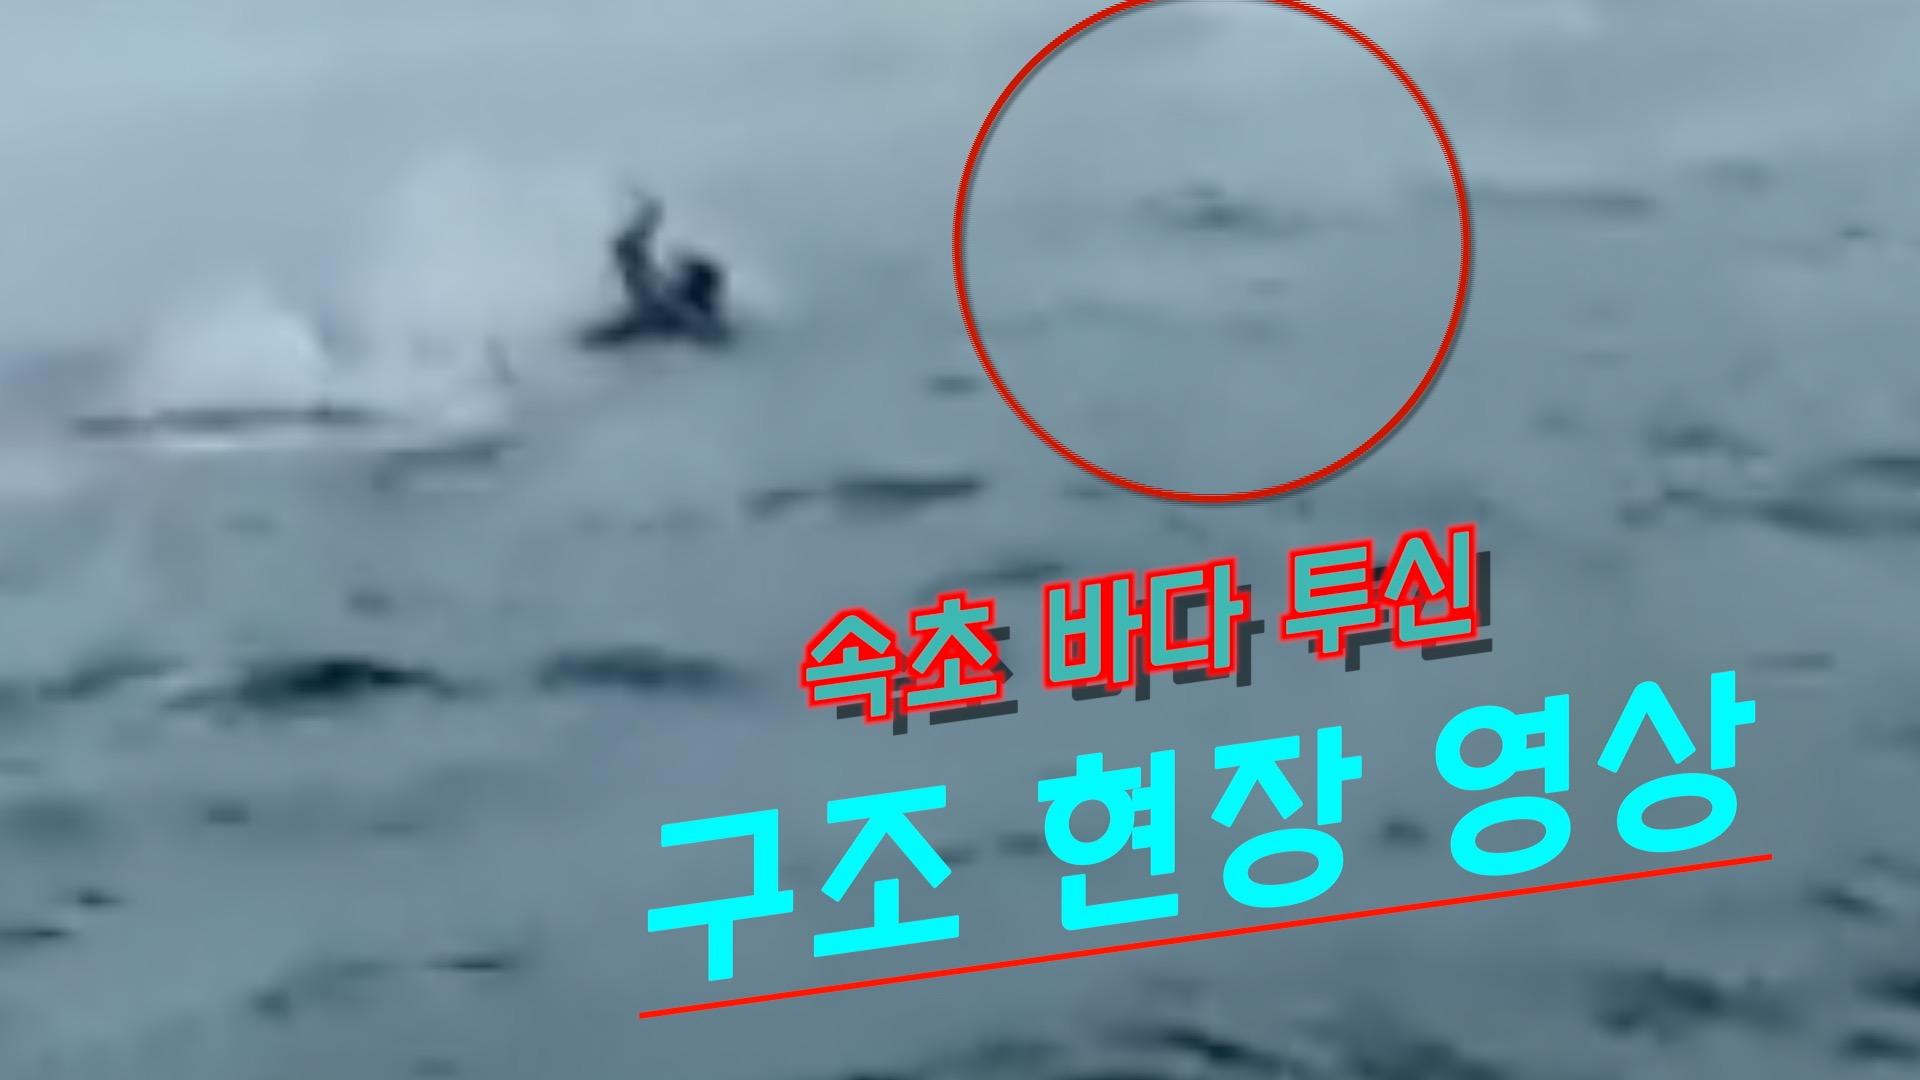 속초 바다 10대 투신 구조 현장 영상